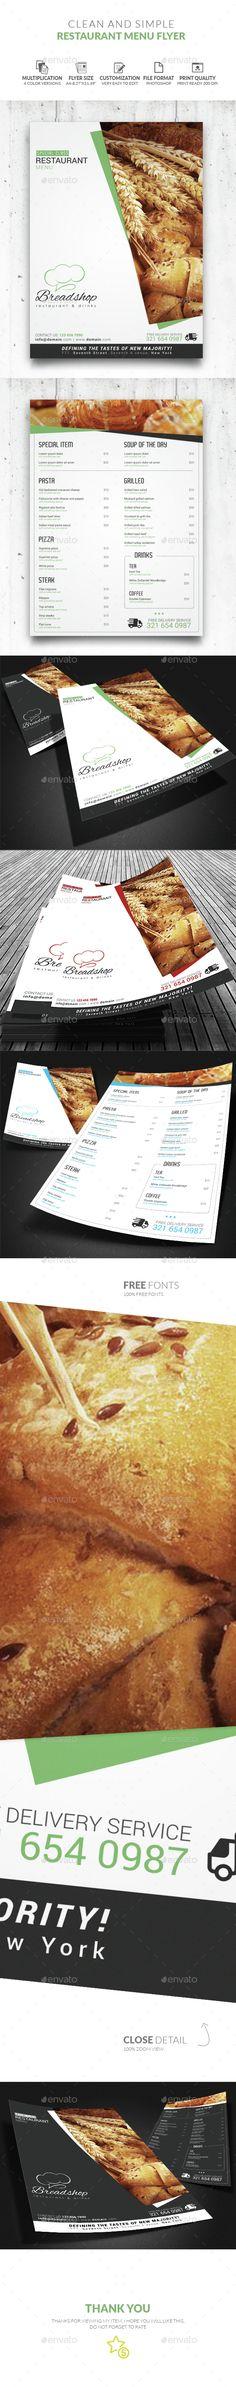 Fast Food Menu Fast food menu, Food menu and Fast foods